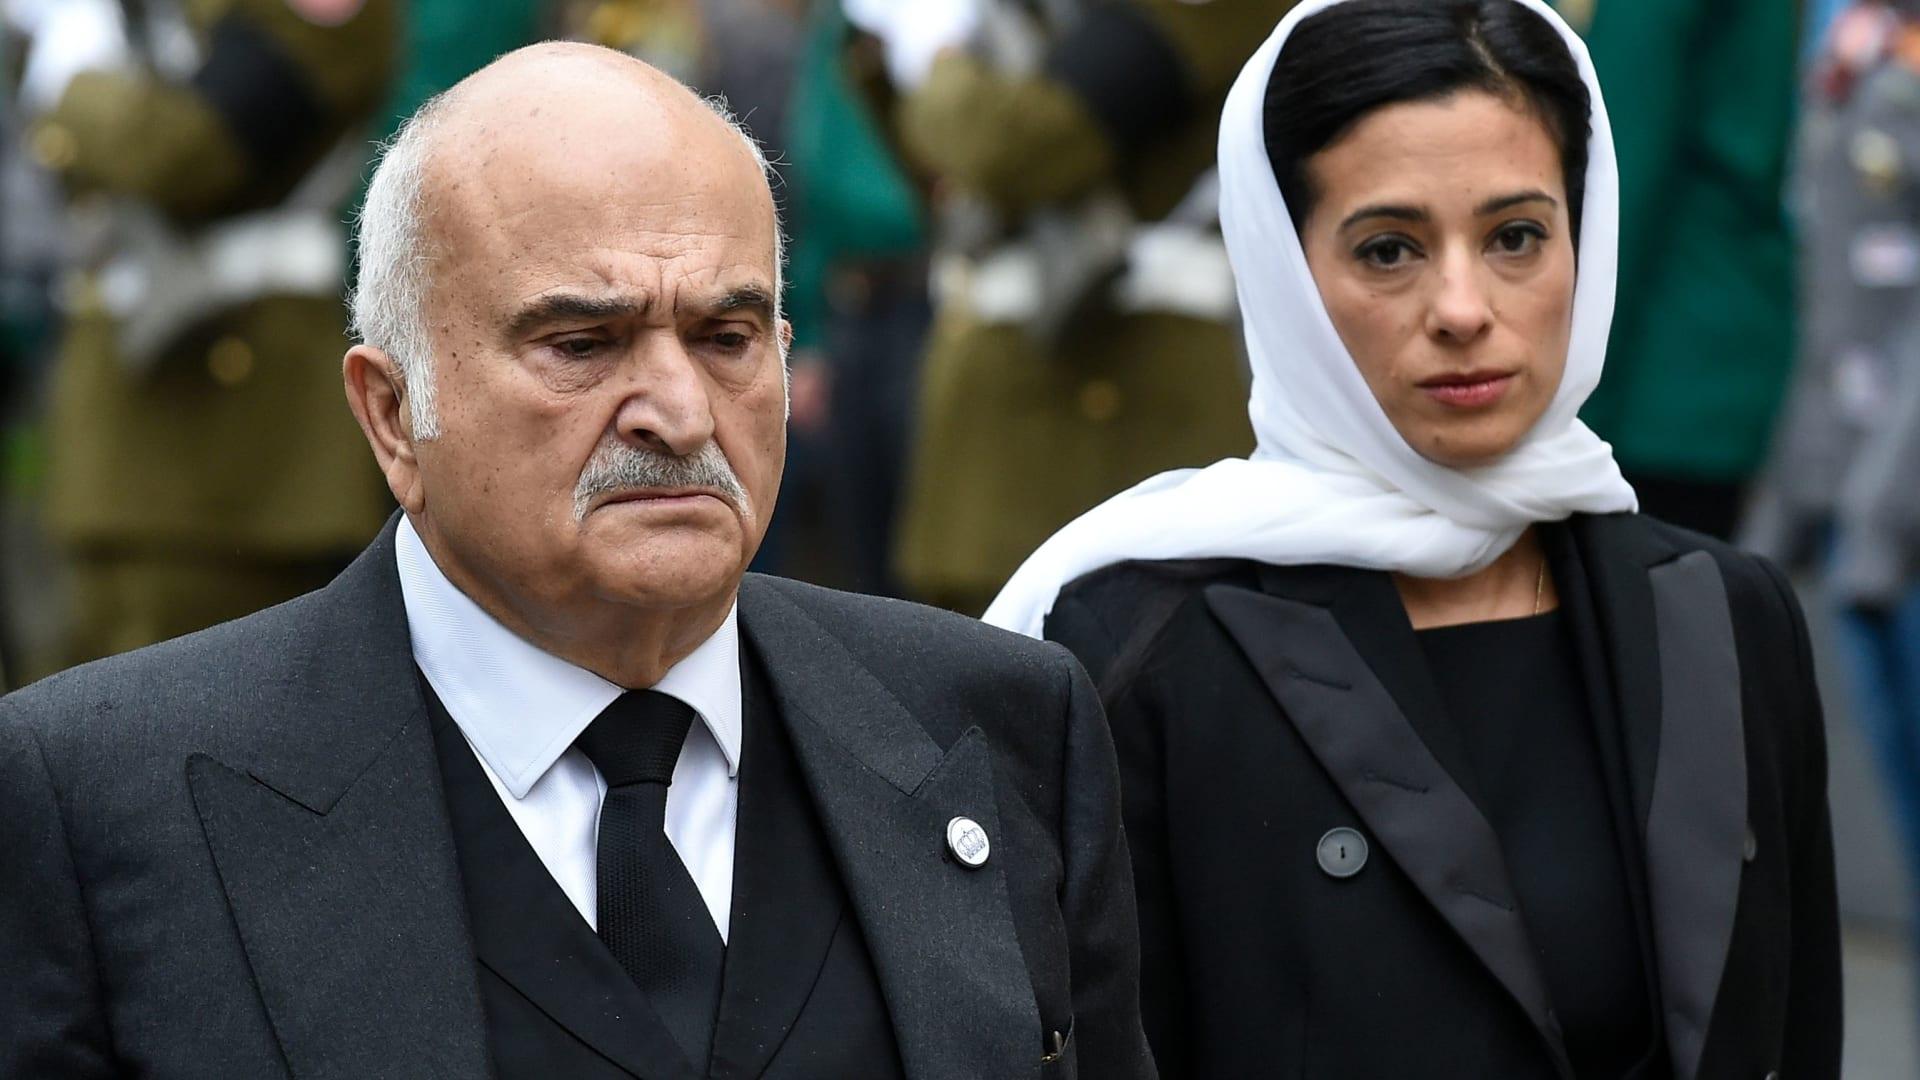 """الأمير الحسن بن طلال يوجه نداء للمجتمع الدولي حول """"مطراني حلب"""" المختطفين منذ 6 سنوات"""